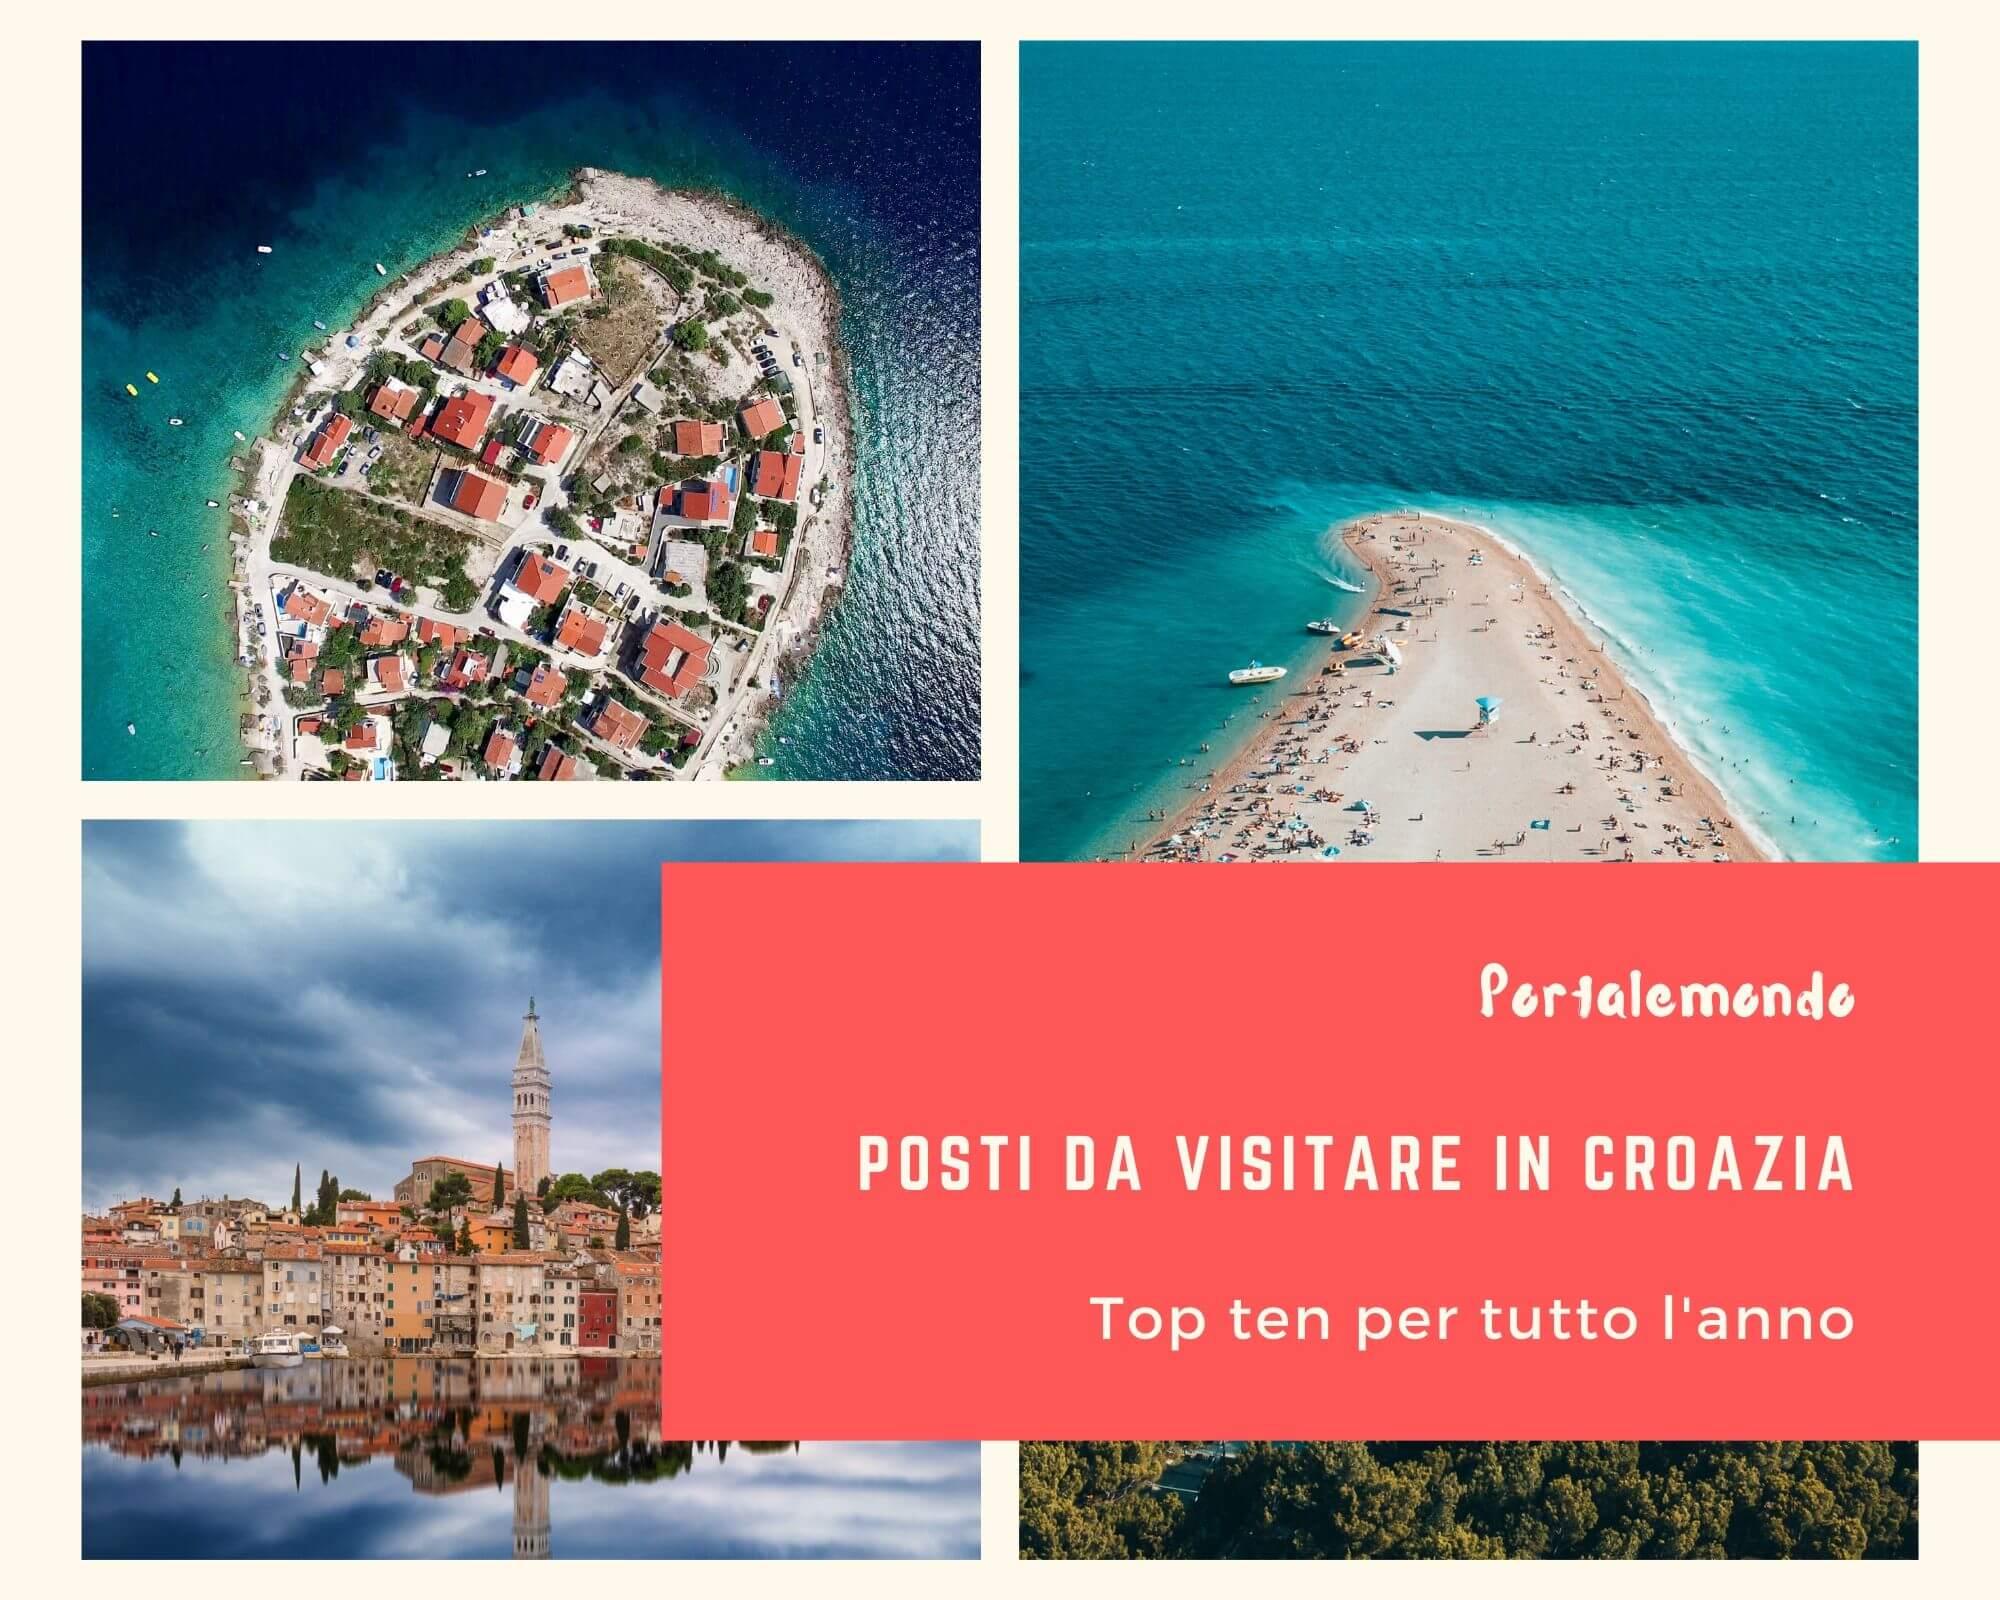 posti da visitare in Croazia